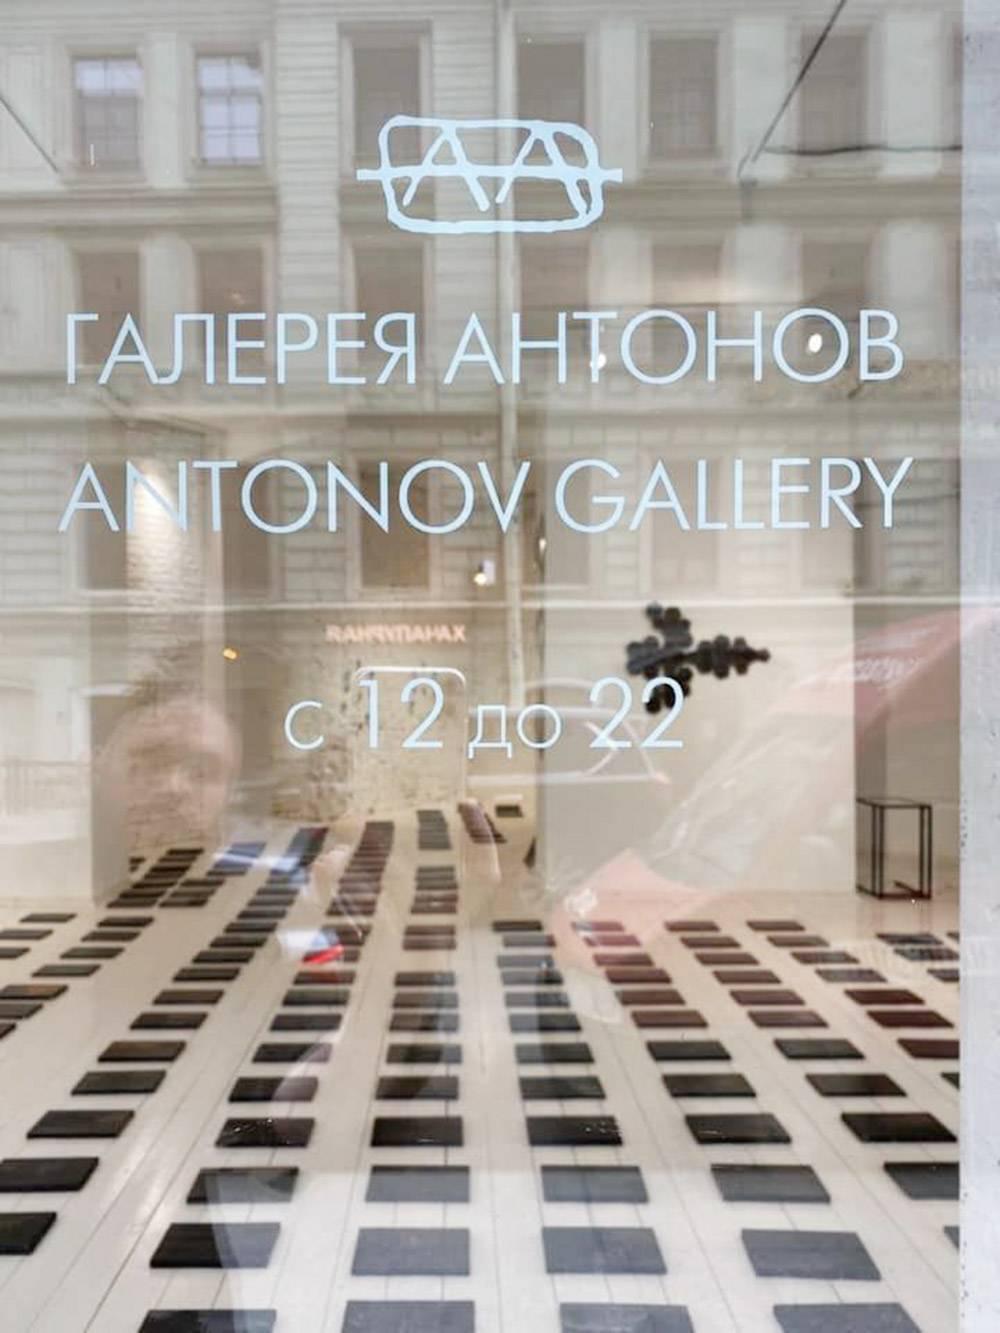 За закрытыми дверями галеристы освоили новый формат выставок. Сначала картины показывали через окно, потом маленьким группам по предварительной записи